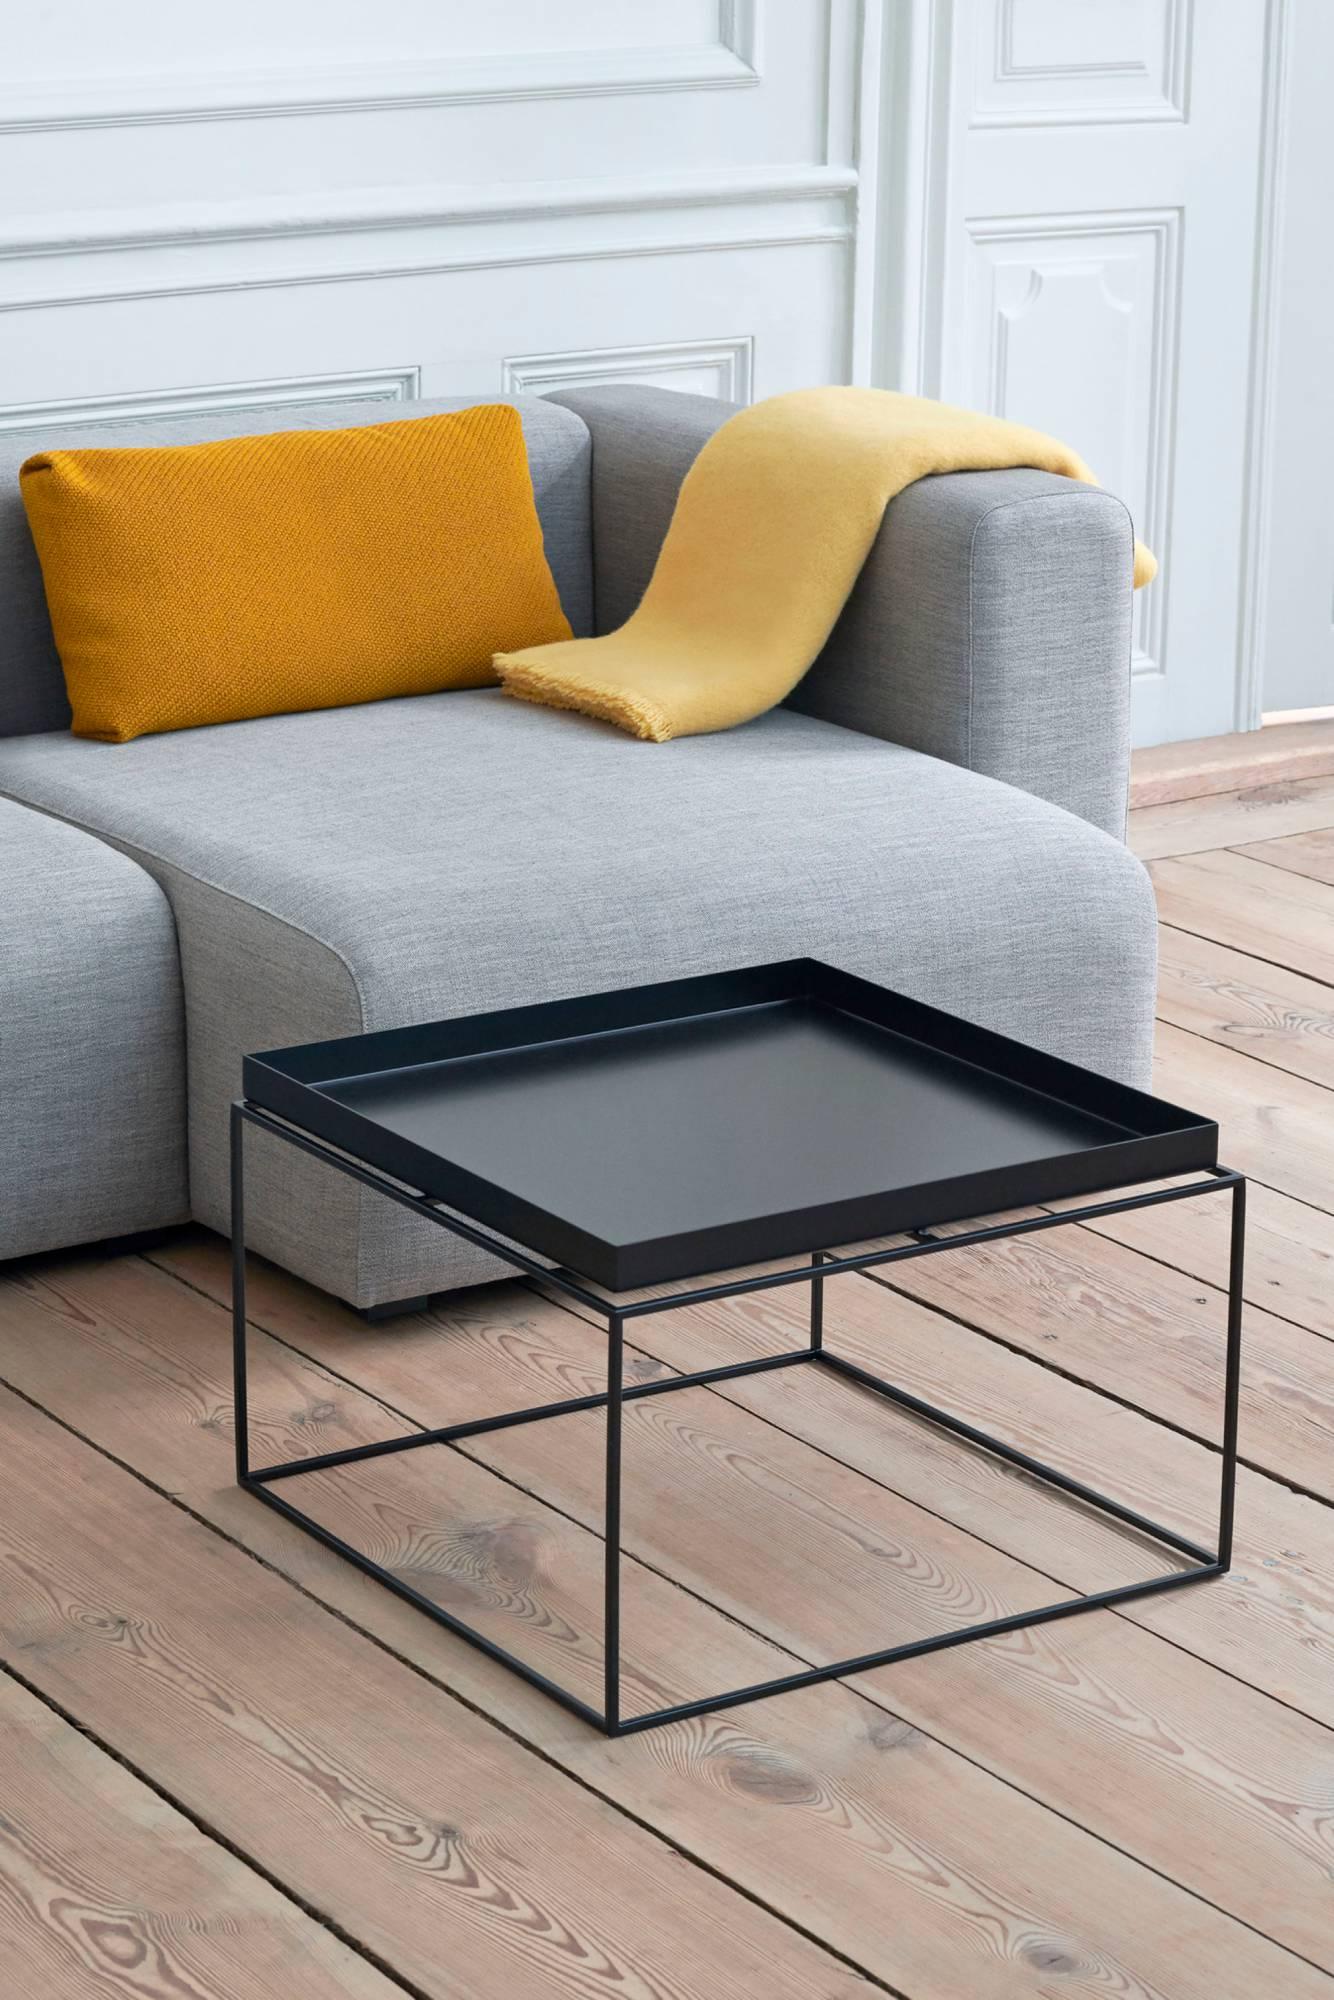 Tray Table von HAY - die schönsten Couchtische